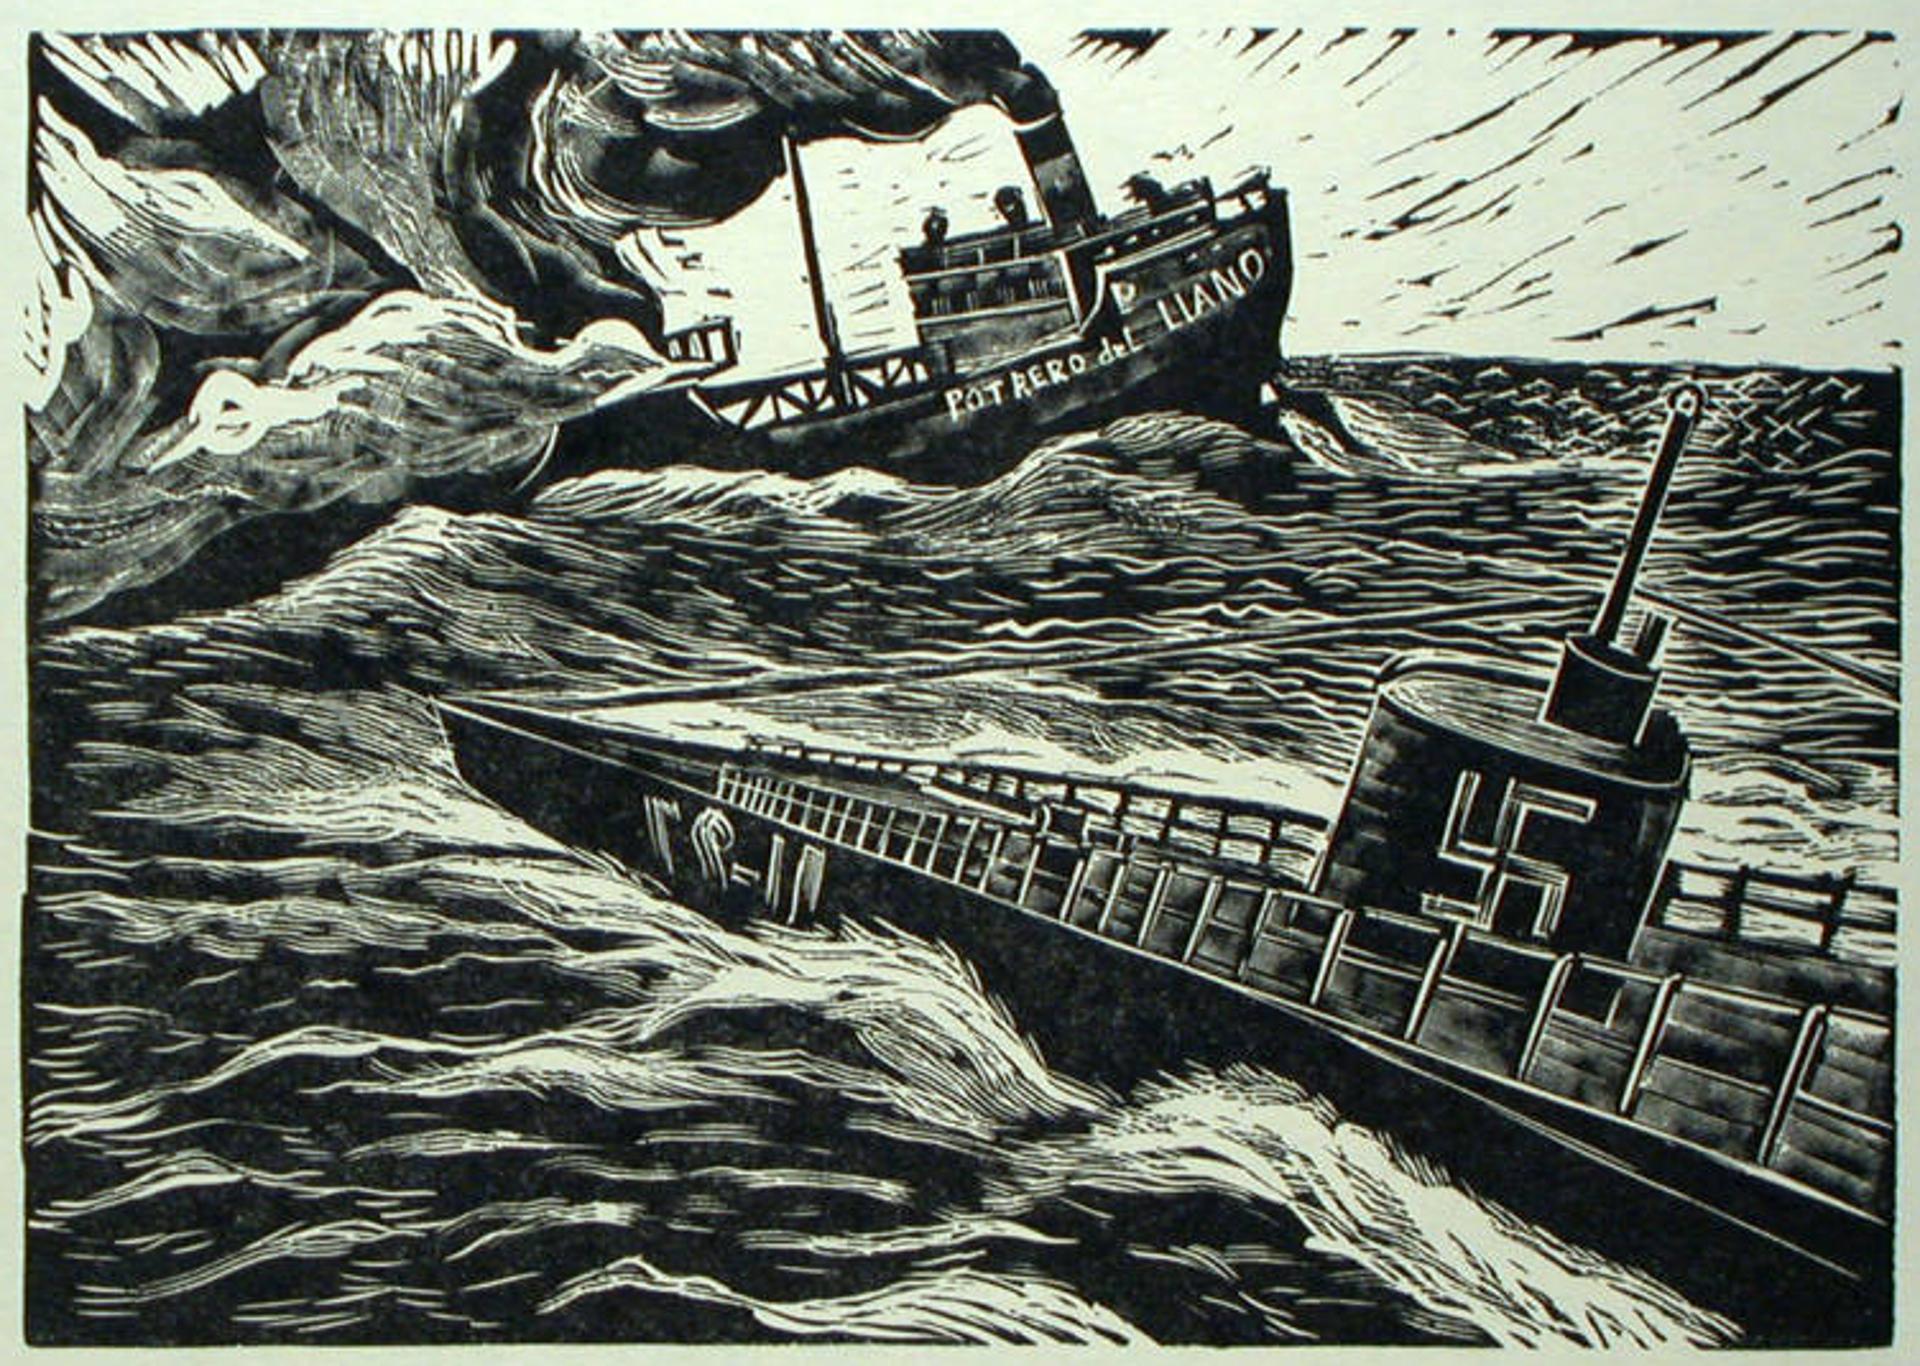 """El Hundimiento del """"Potrero del Llano"""" por los Nazis, en Mayo de 1942 by Ignacio Aguirre (1900 – 1990)"""